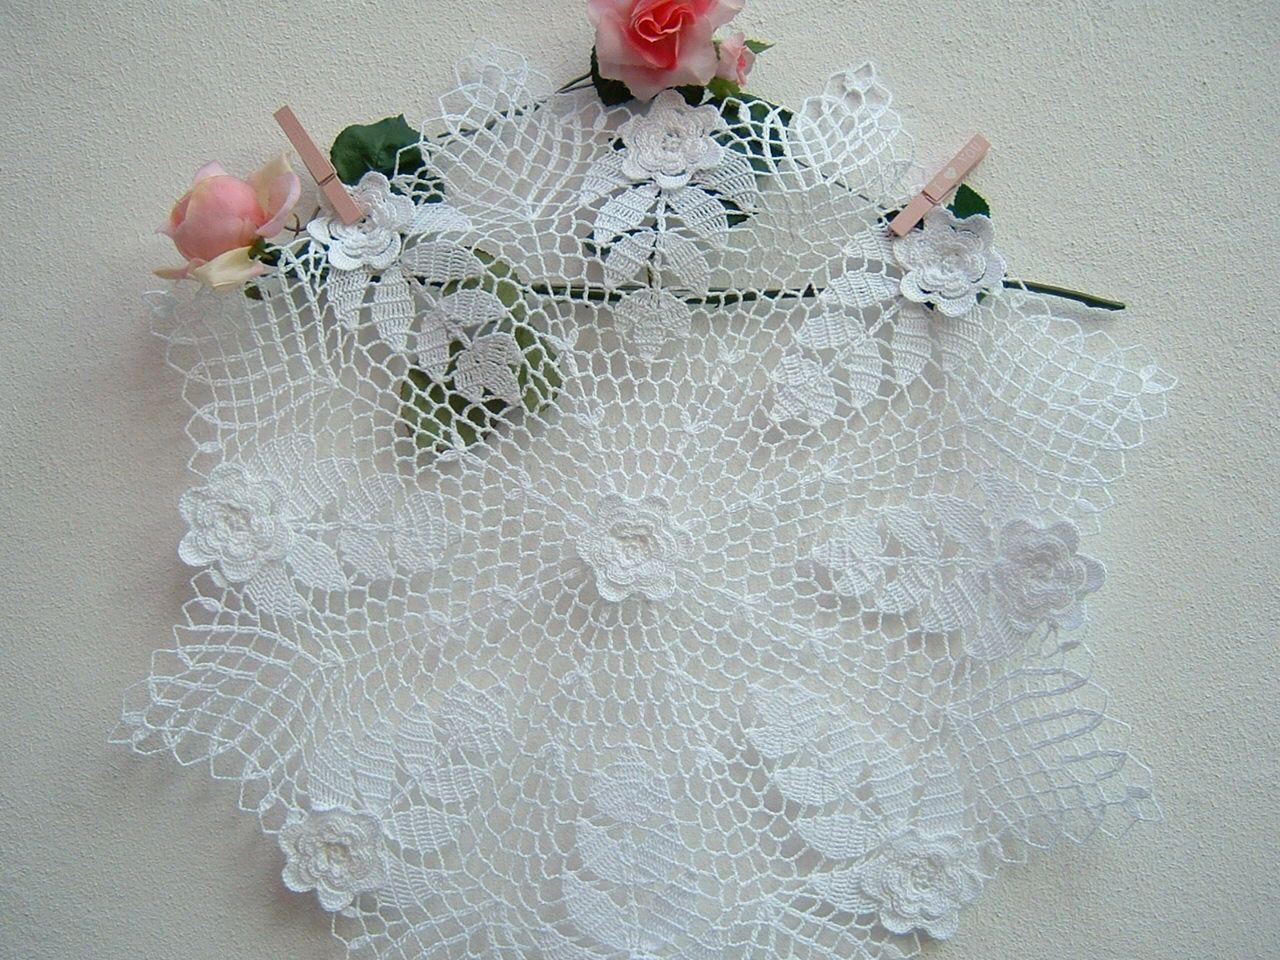 Uncinetto Shabby.Centro All Uncinetto Con Le Rose D Irlanda Crochet Casa Romantica Centrotavola In Pizzo Di Cotone Bianco Lace Centerpieces Crochet Home Romantic Centerpieces